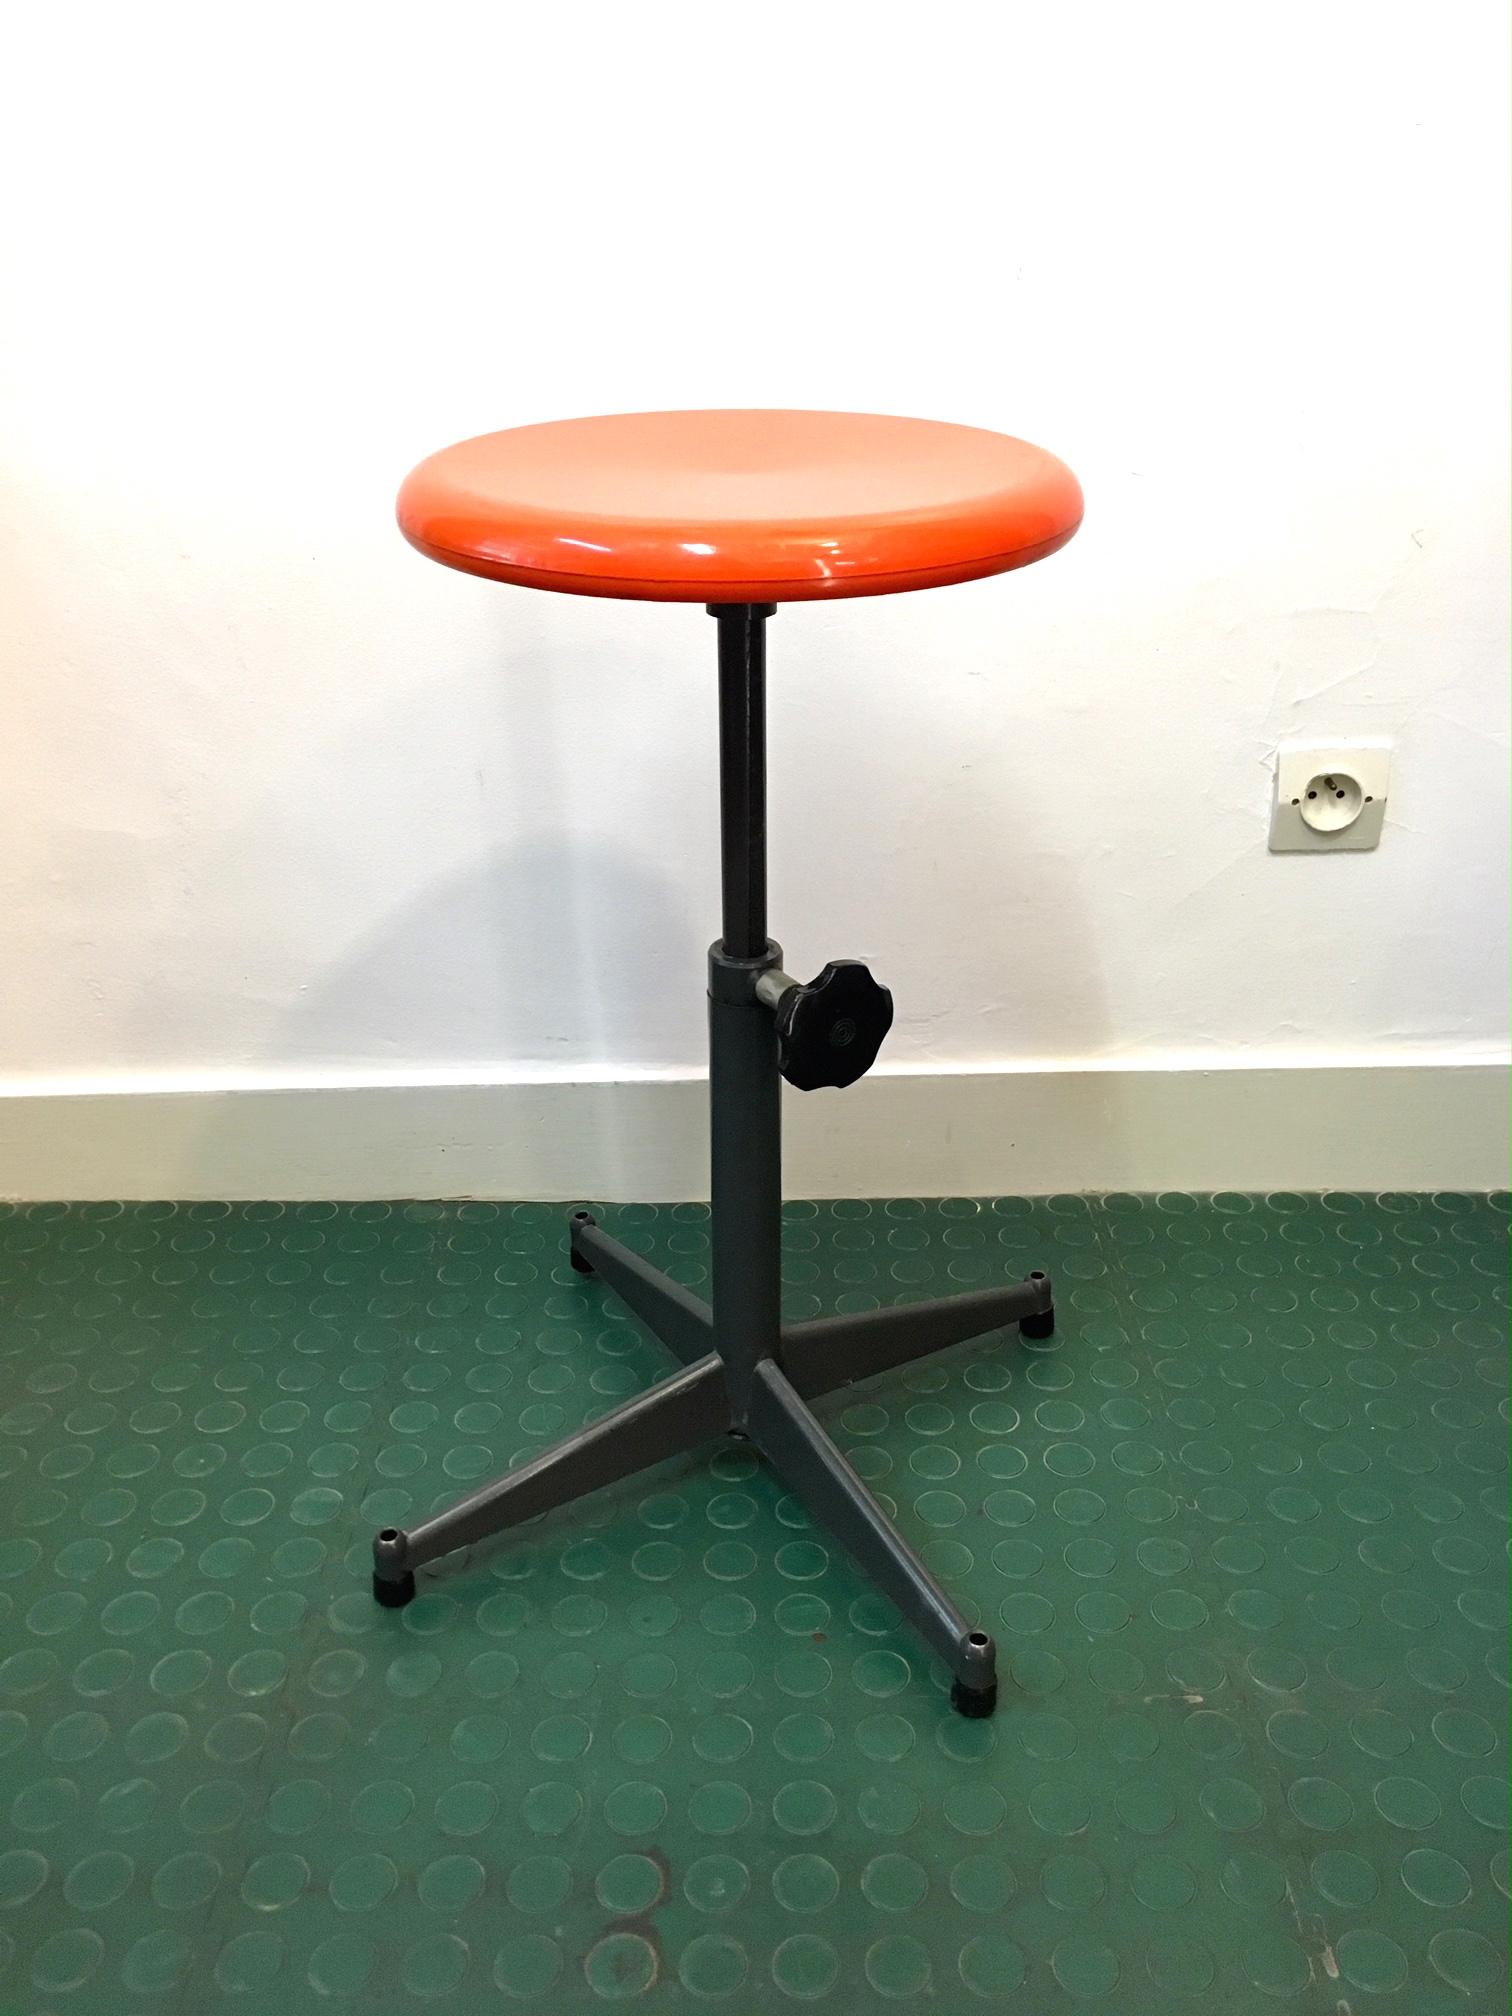 tabouret haut industriel vintage orange brocnshop. Black Bedroom Furniture Sets. Home Design Ideas